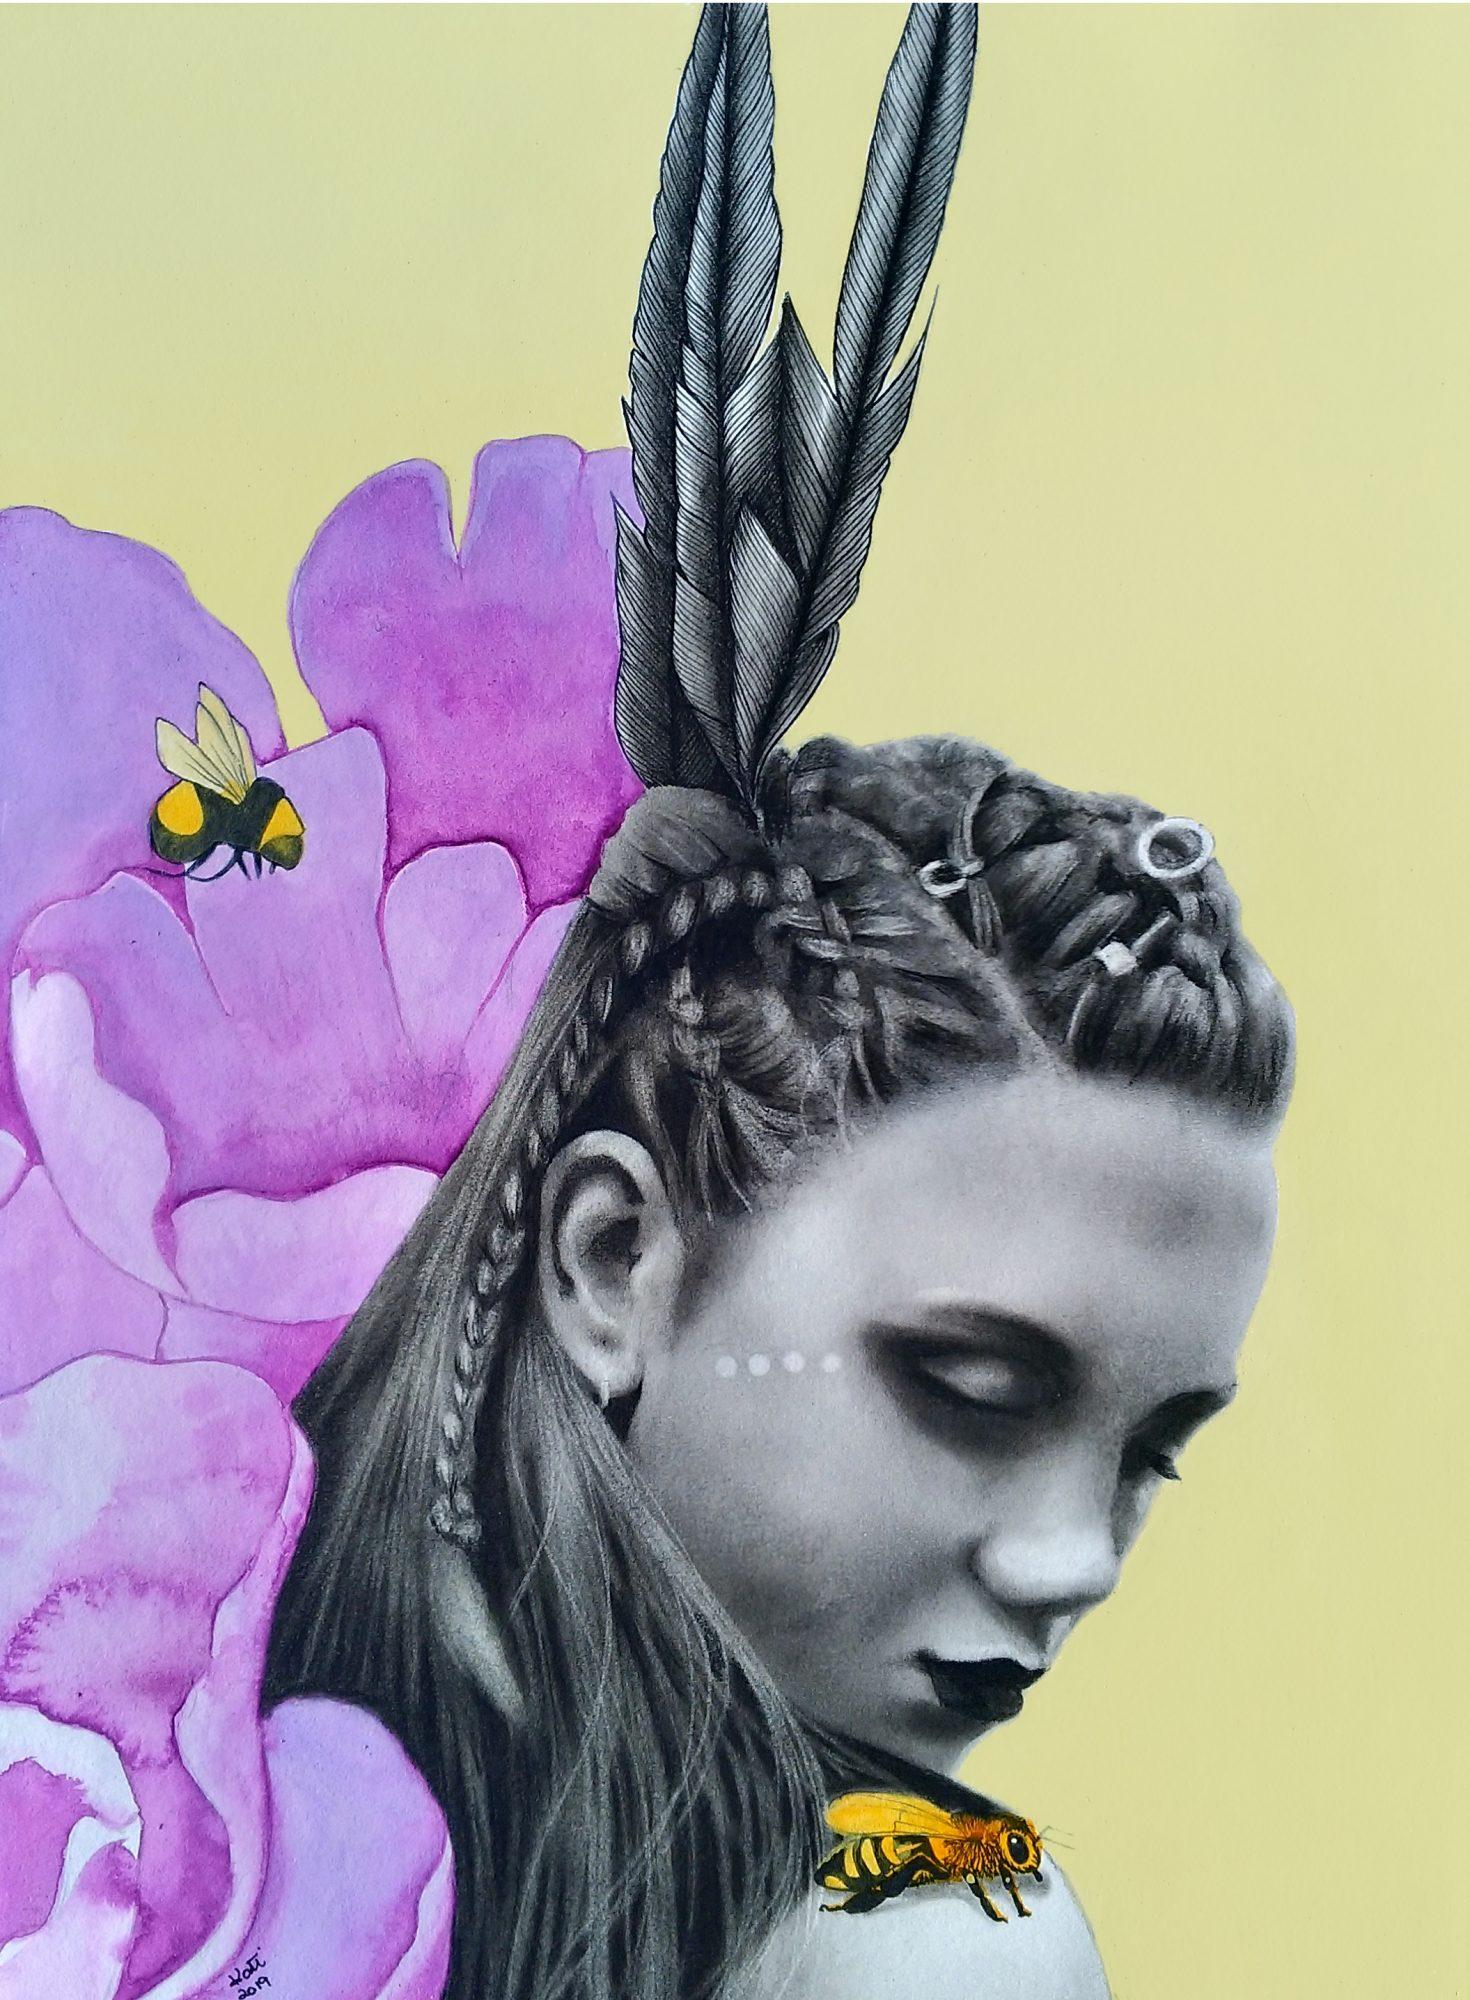 The Beekeeper By Kati Garrett Filho